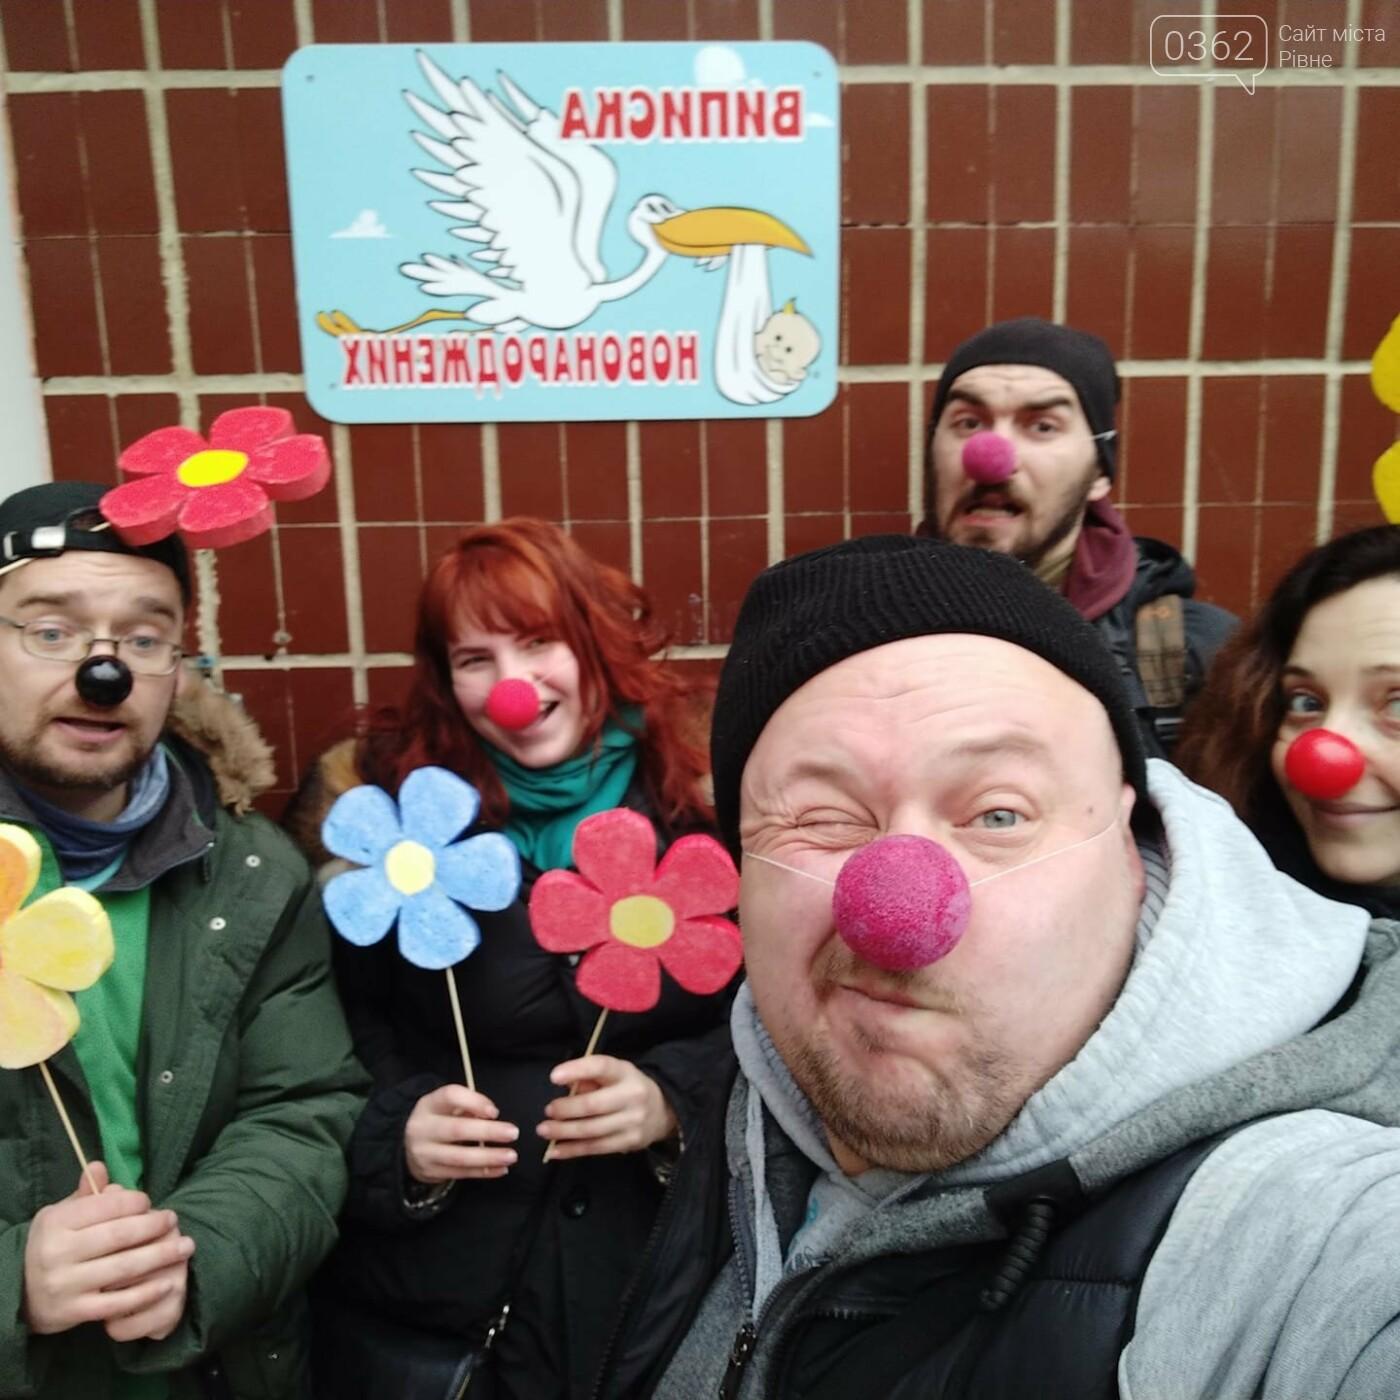 Рівненський лікарняний клоун потребує допомоги у лікуванні  , фото-1